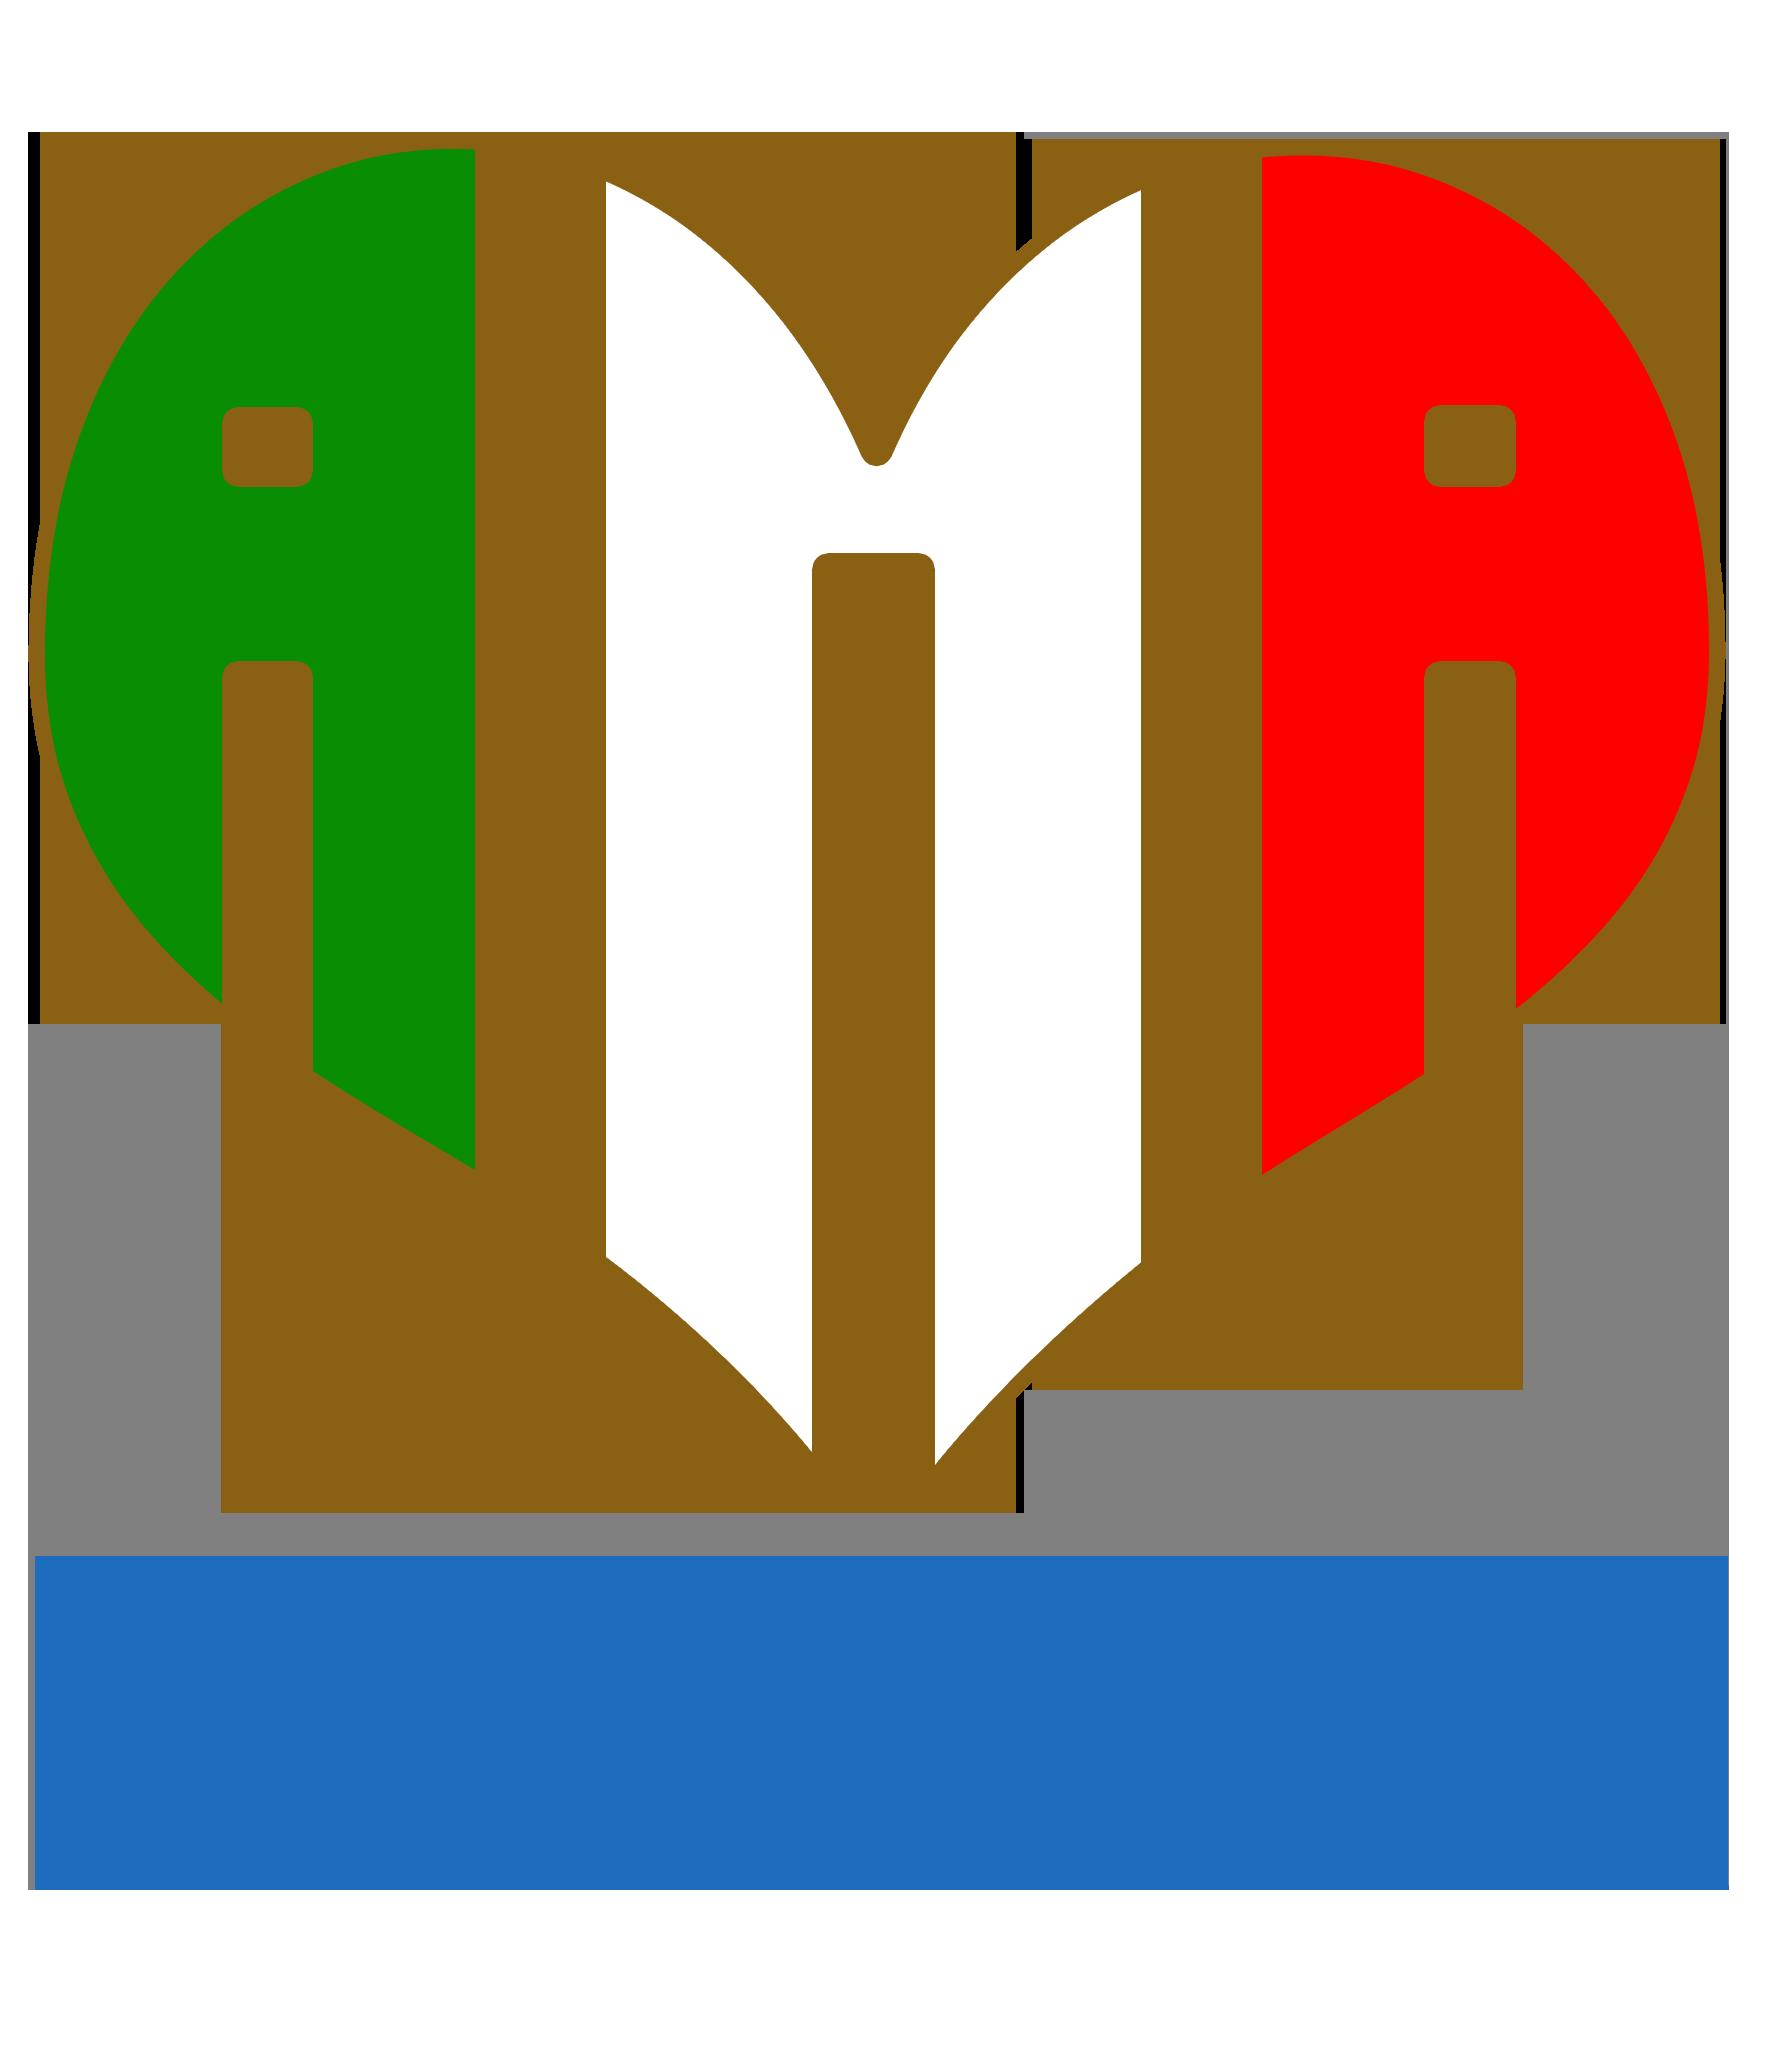 — CUORE ITALIANO —